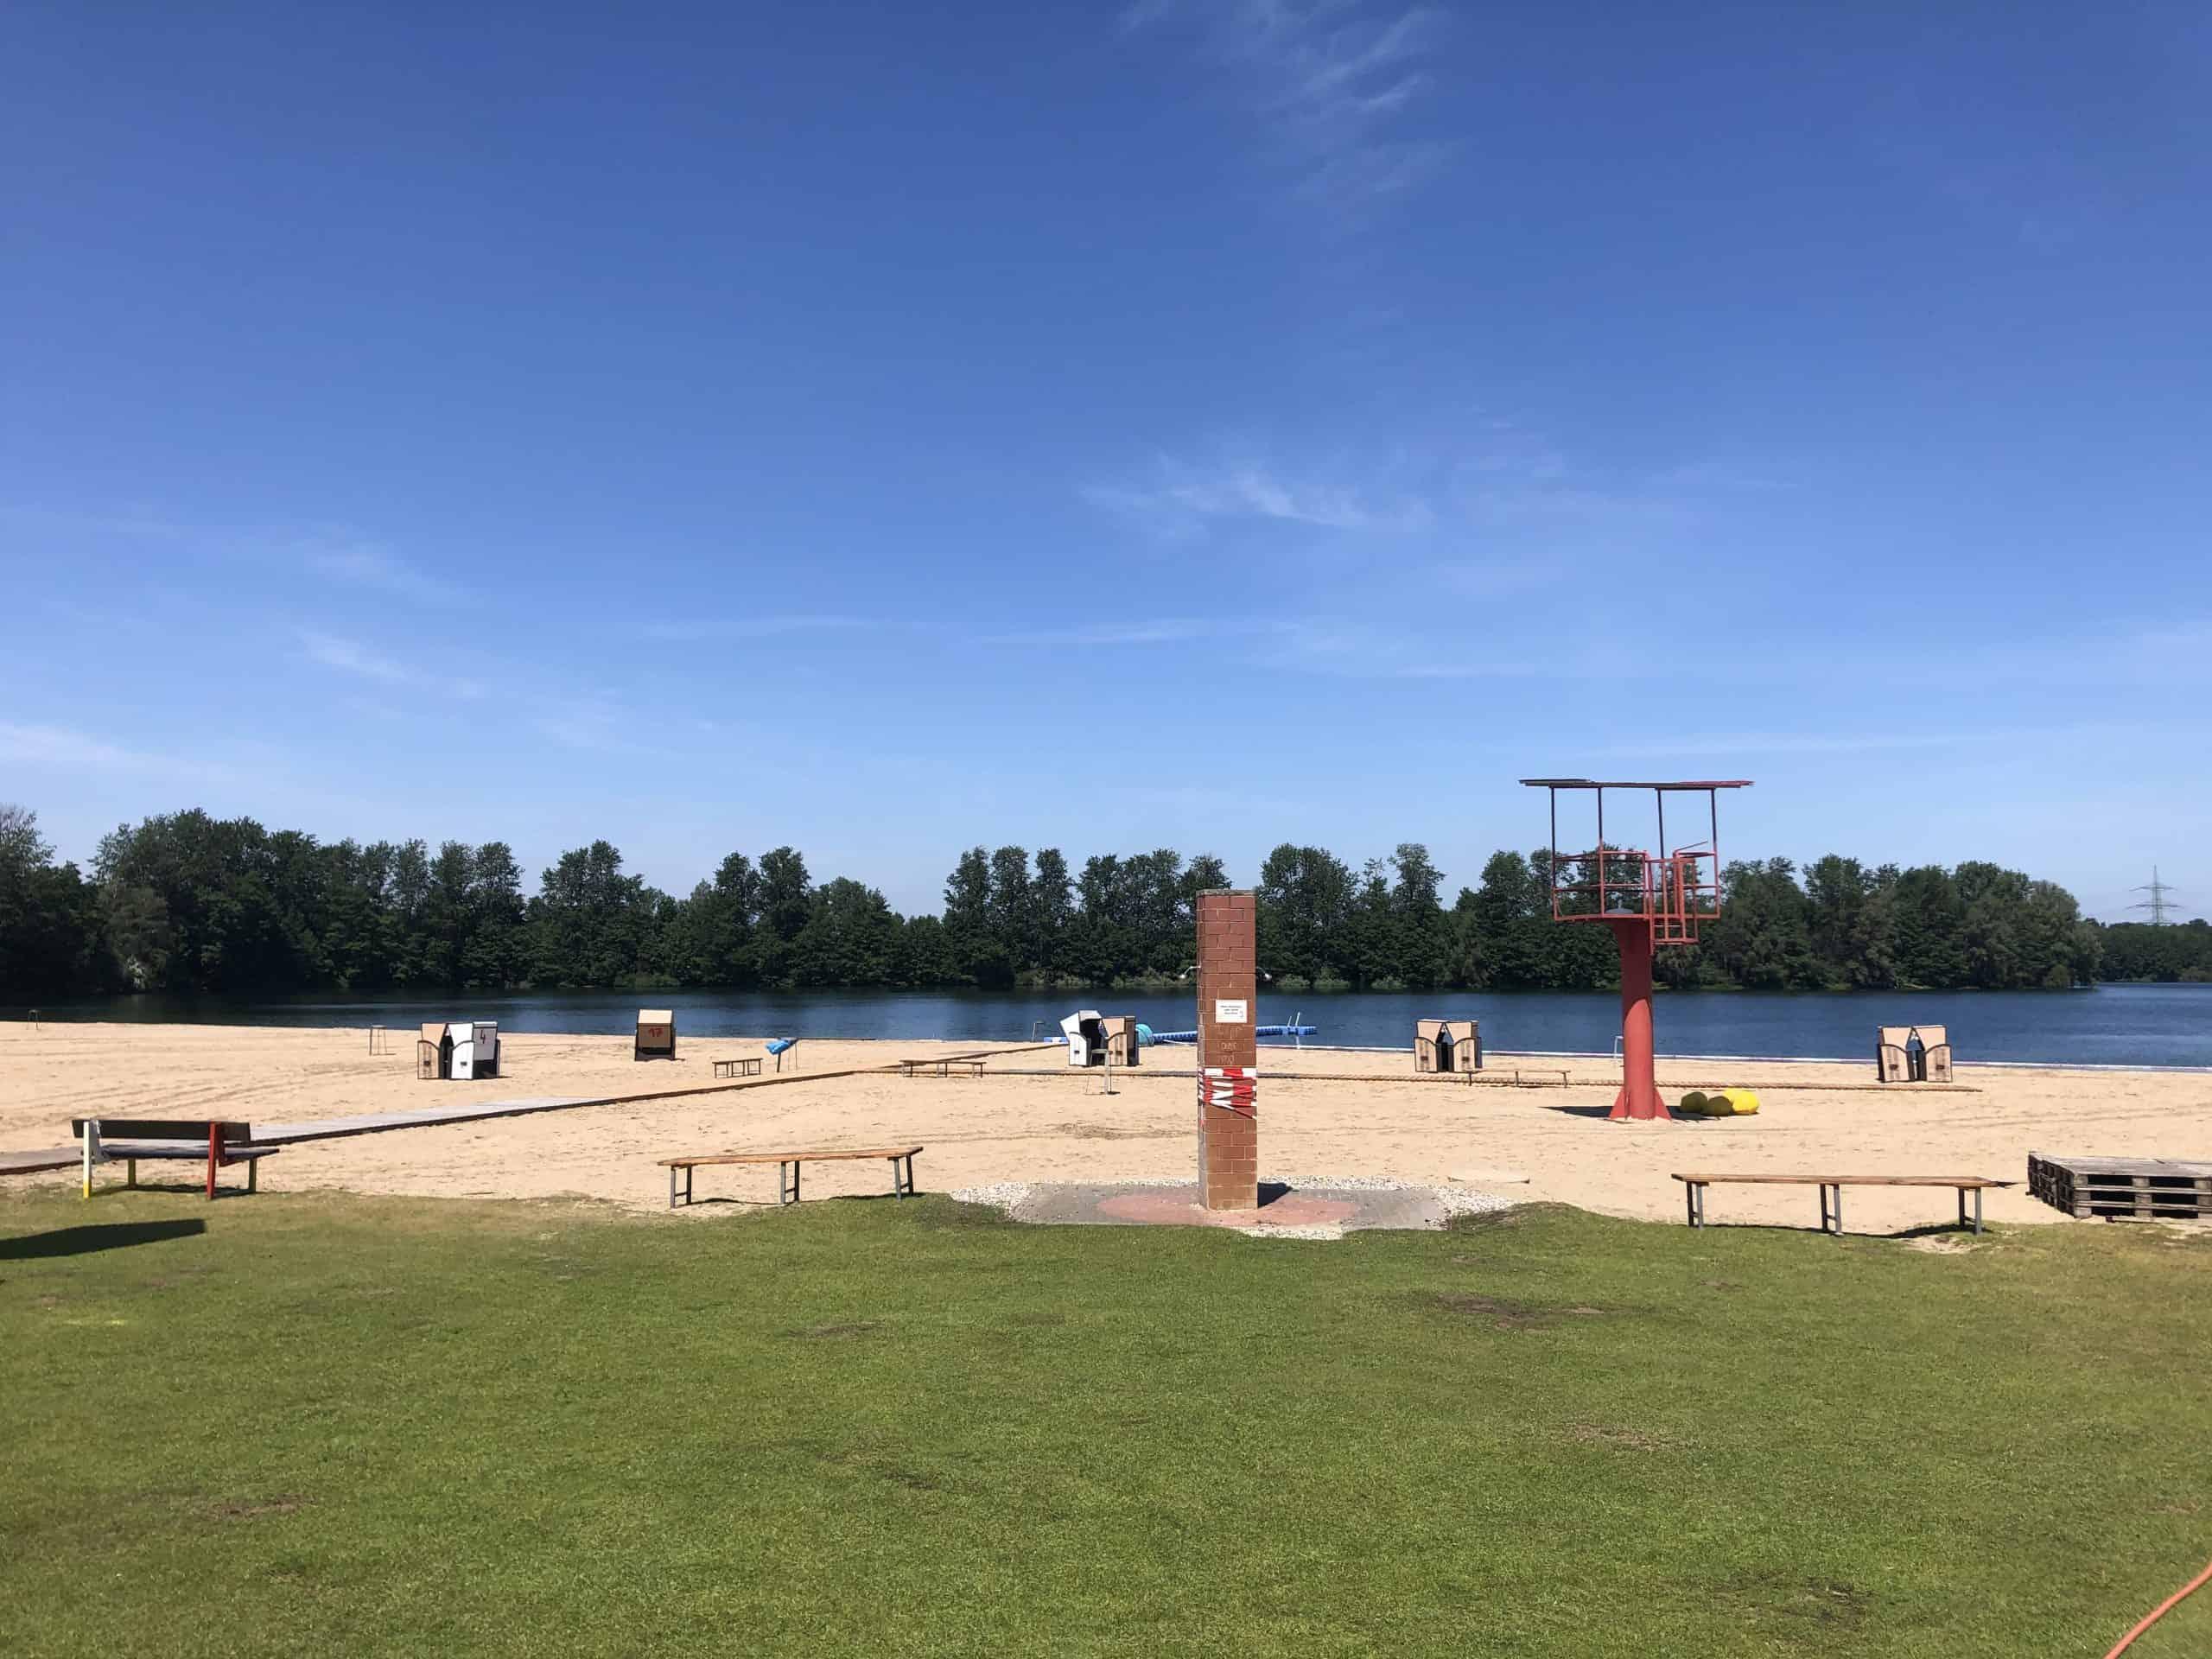 Das Bild zeigt das Strandbad Tenderingssee